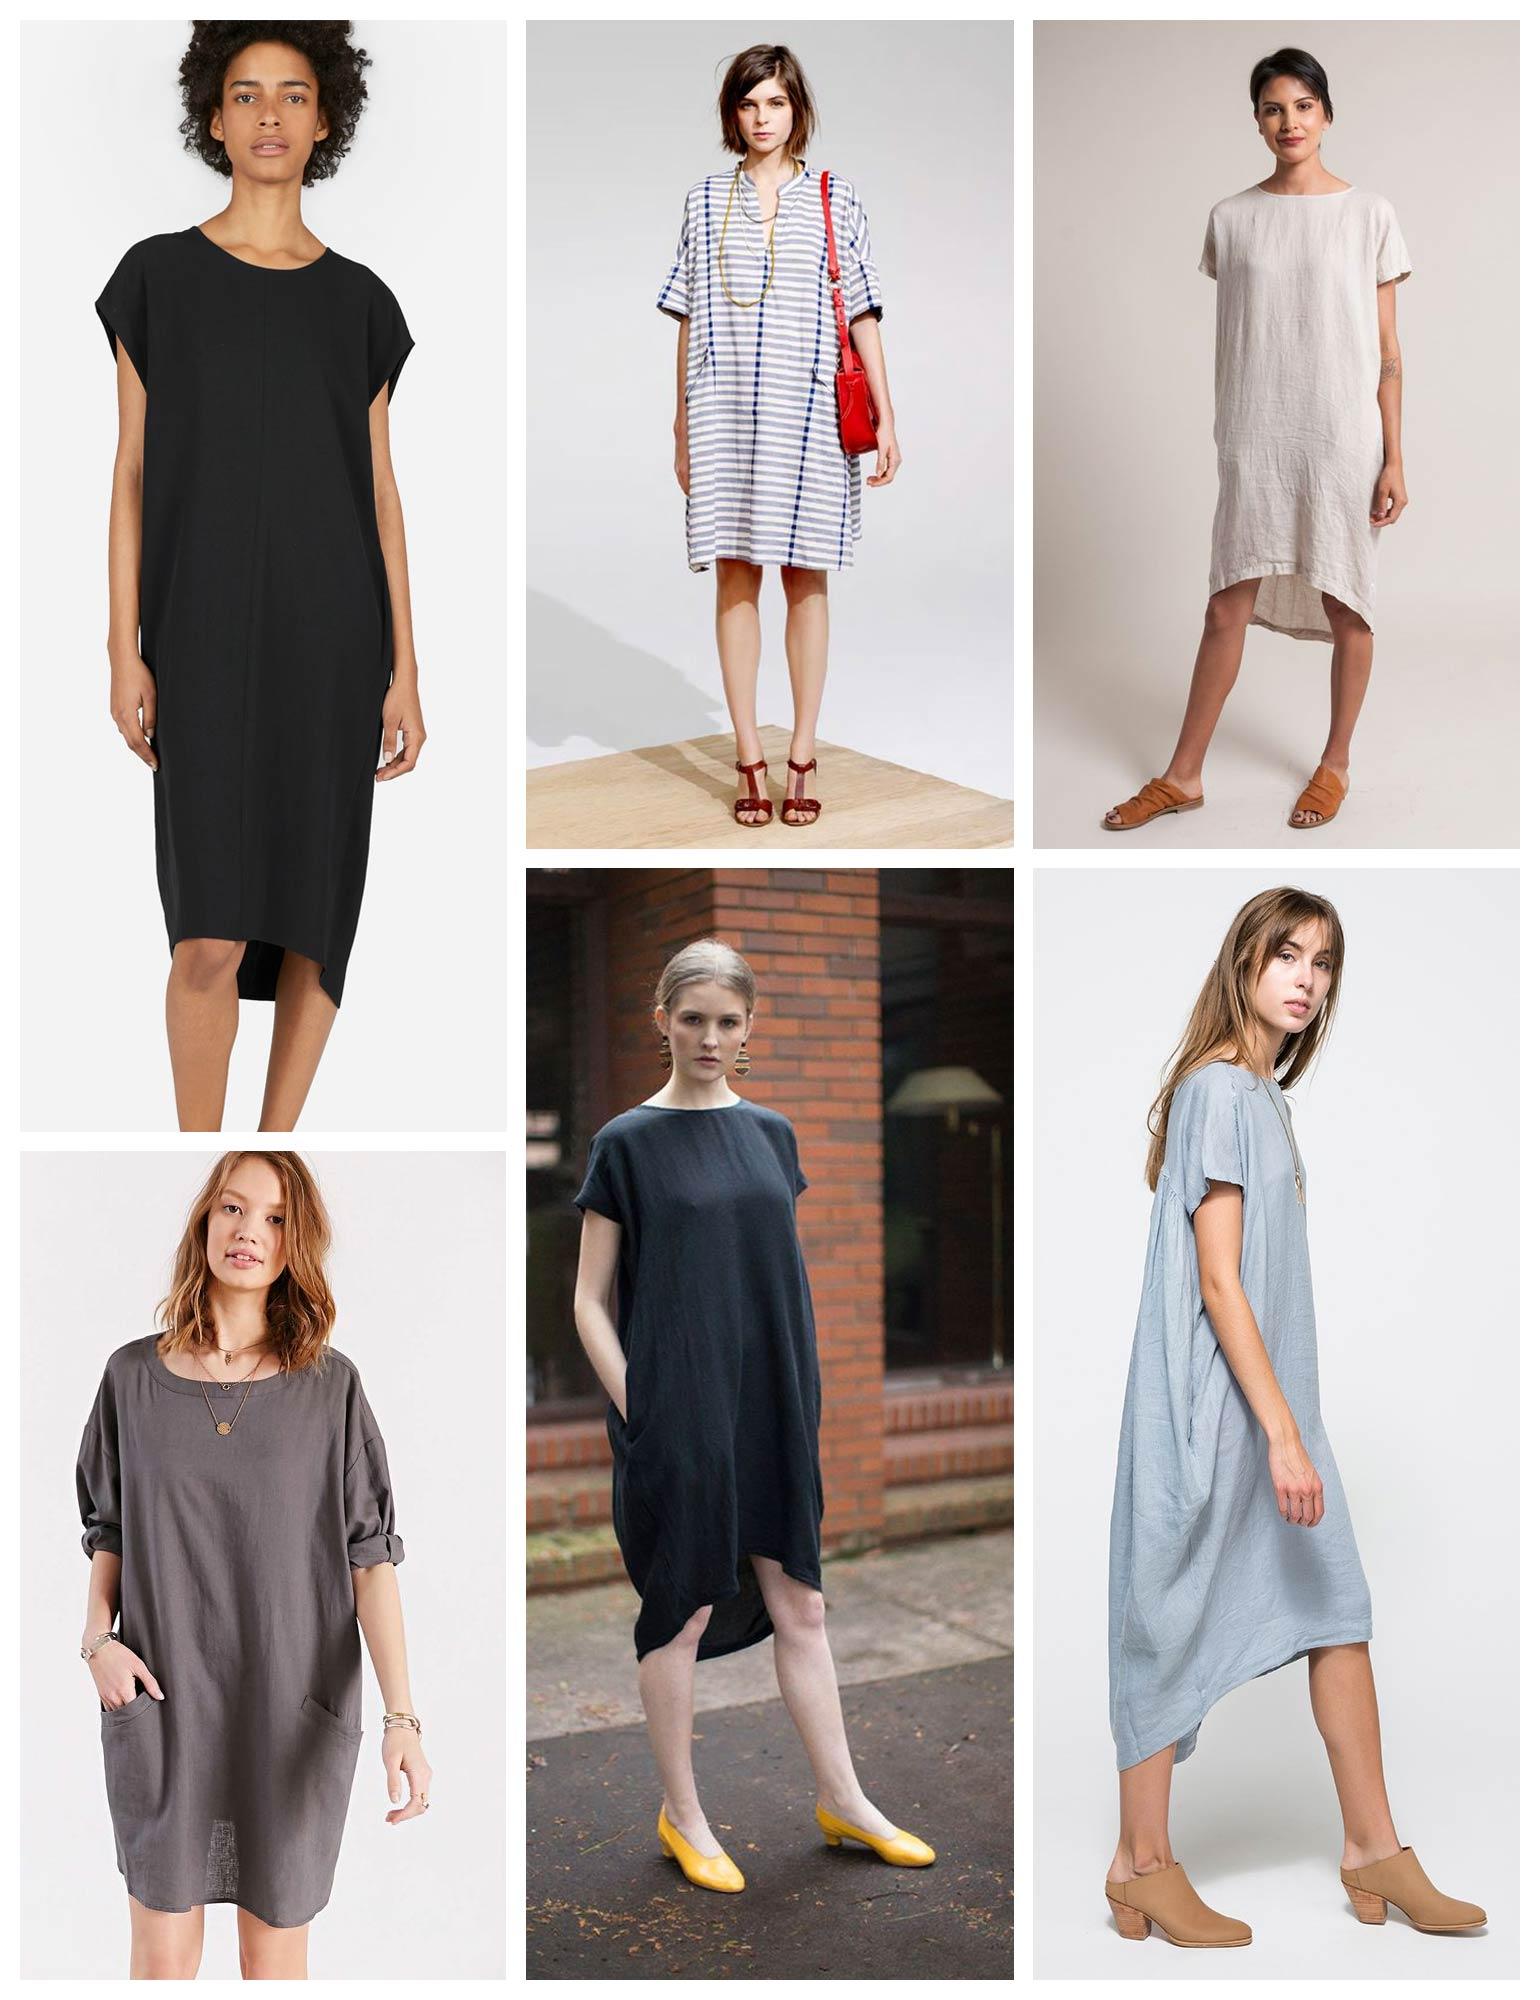 Lou Box Dress Sewalong Day 1 –Lou Box Dress 1 Inspiration